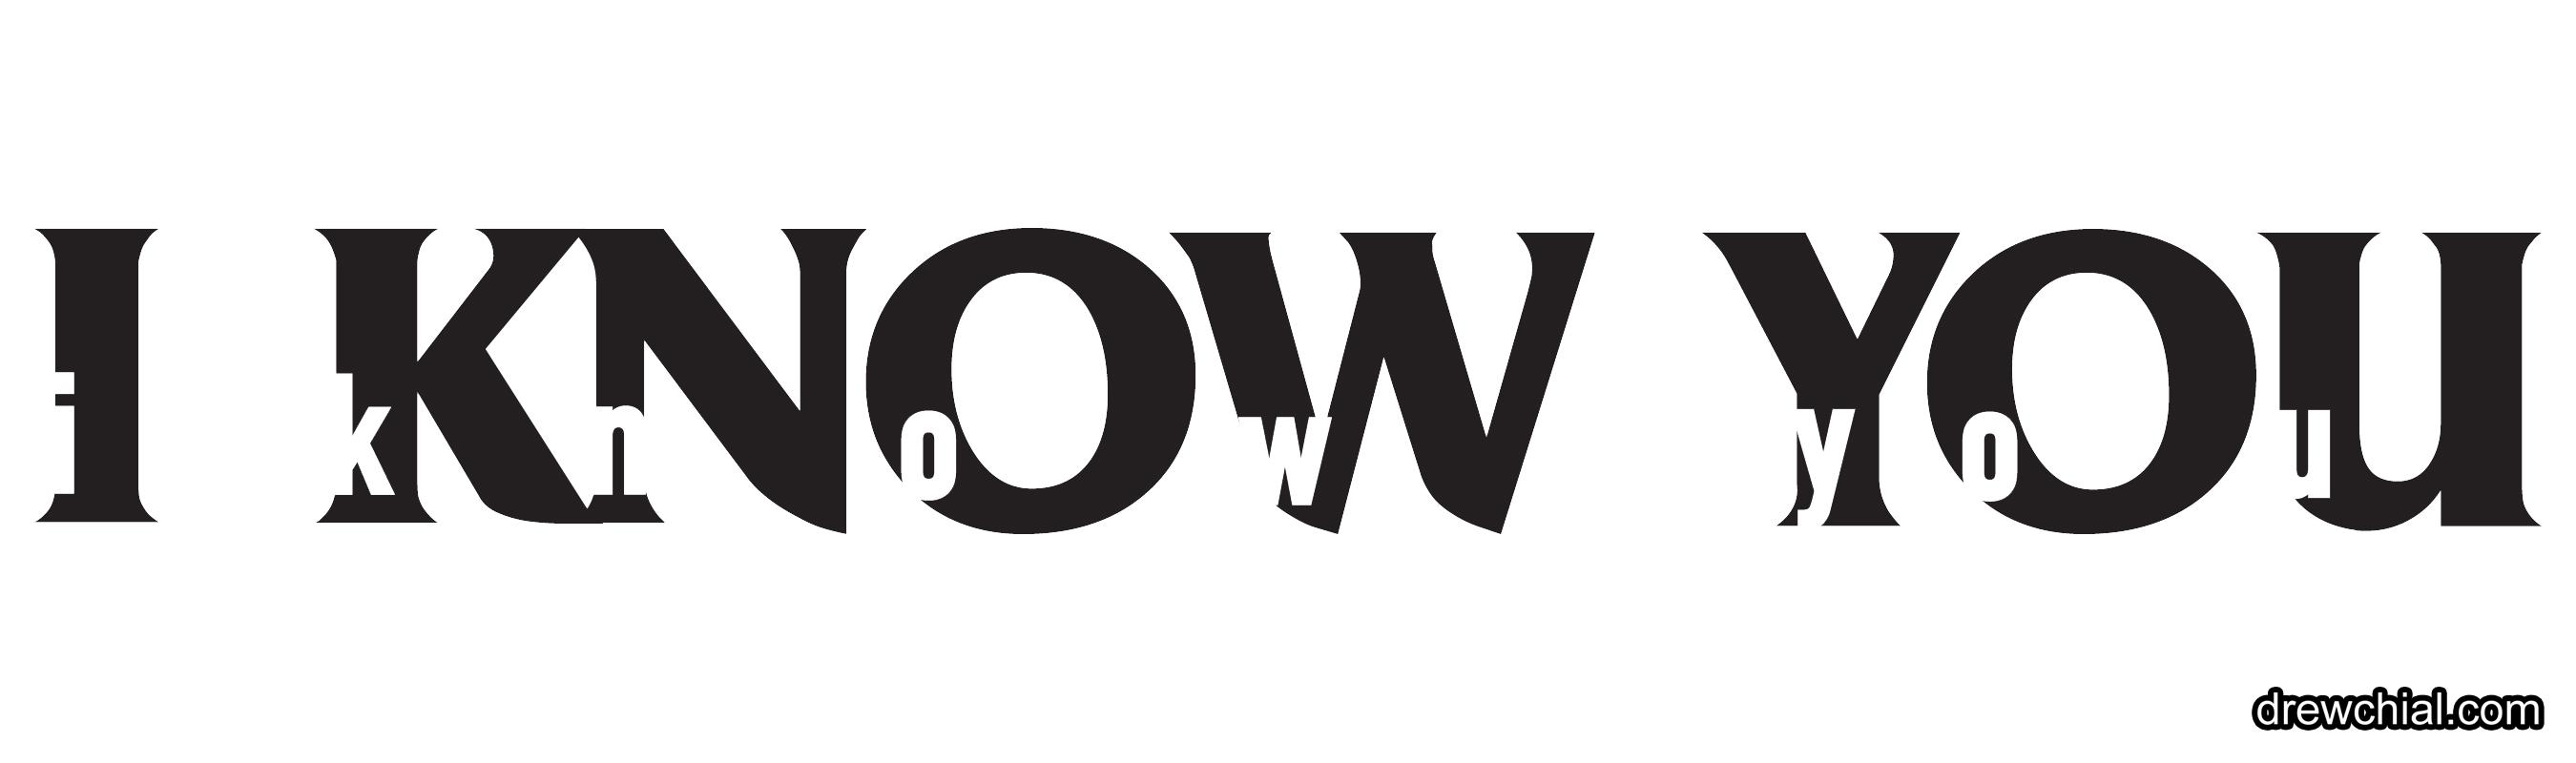 I Know You | Drew Chial